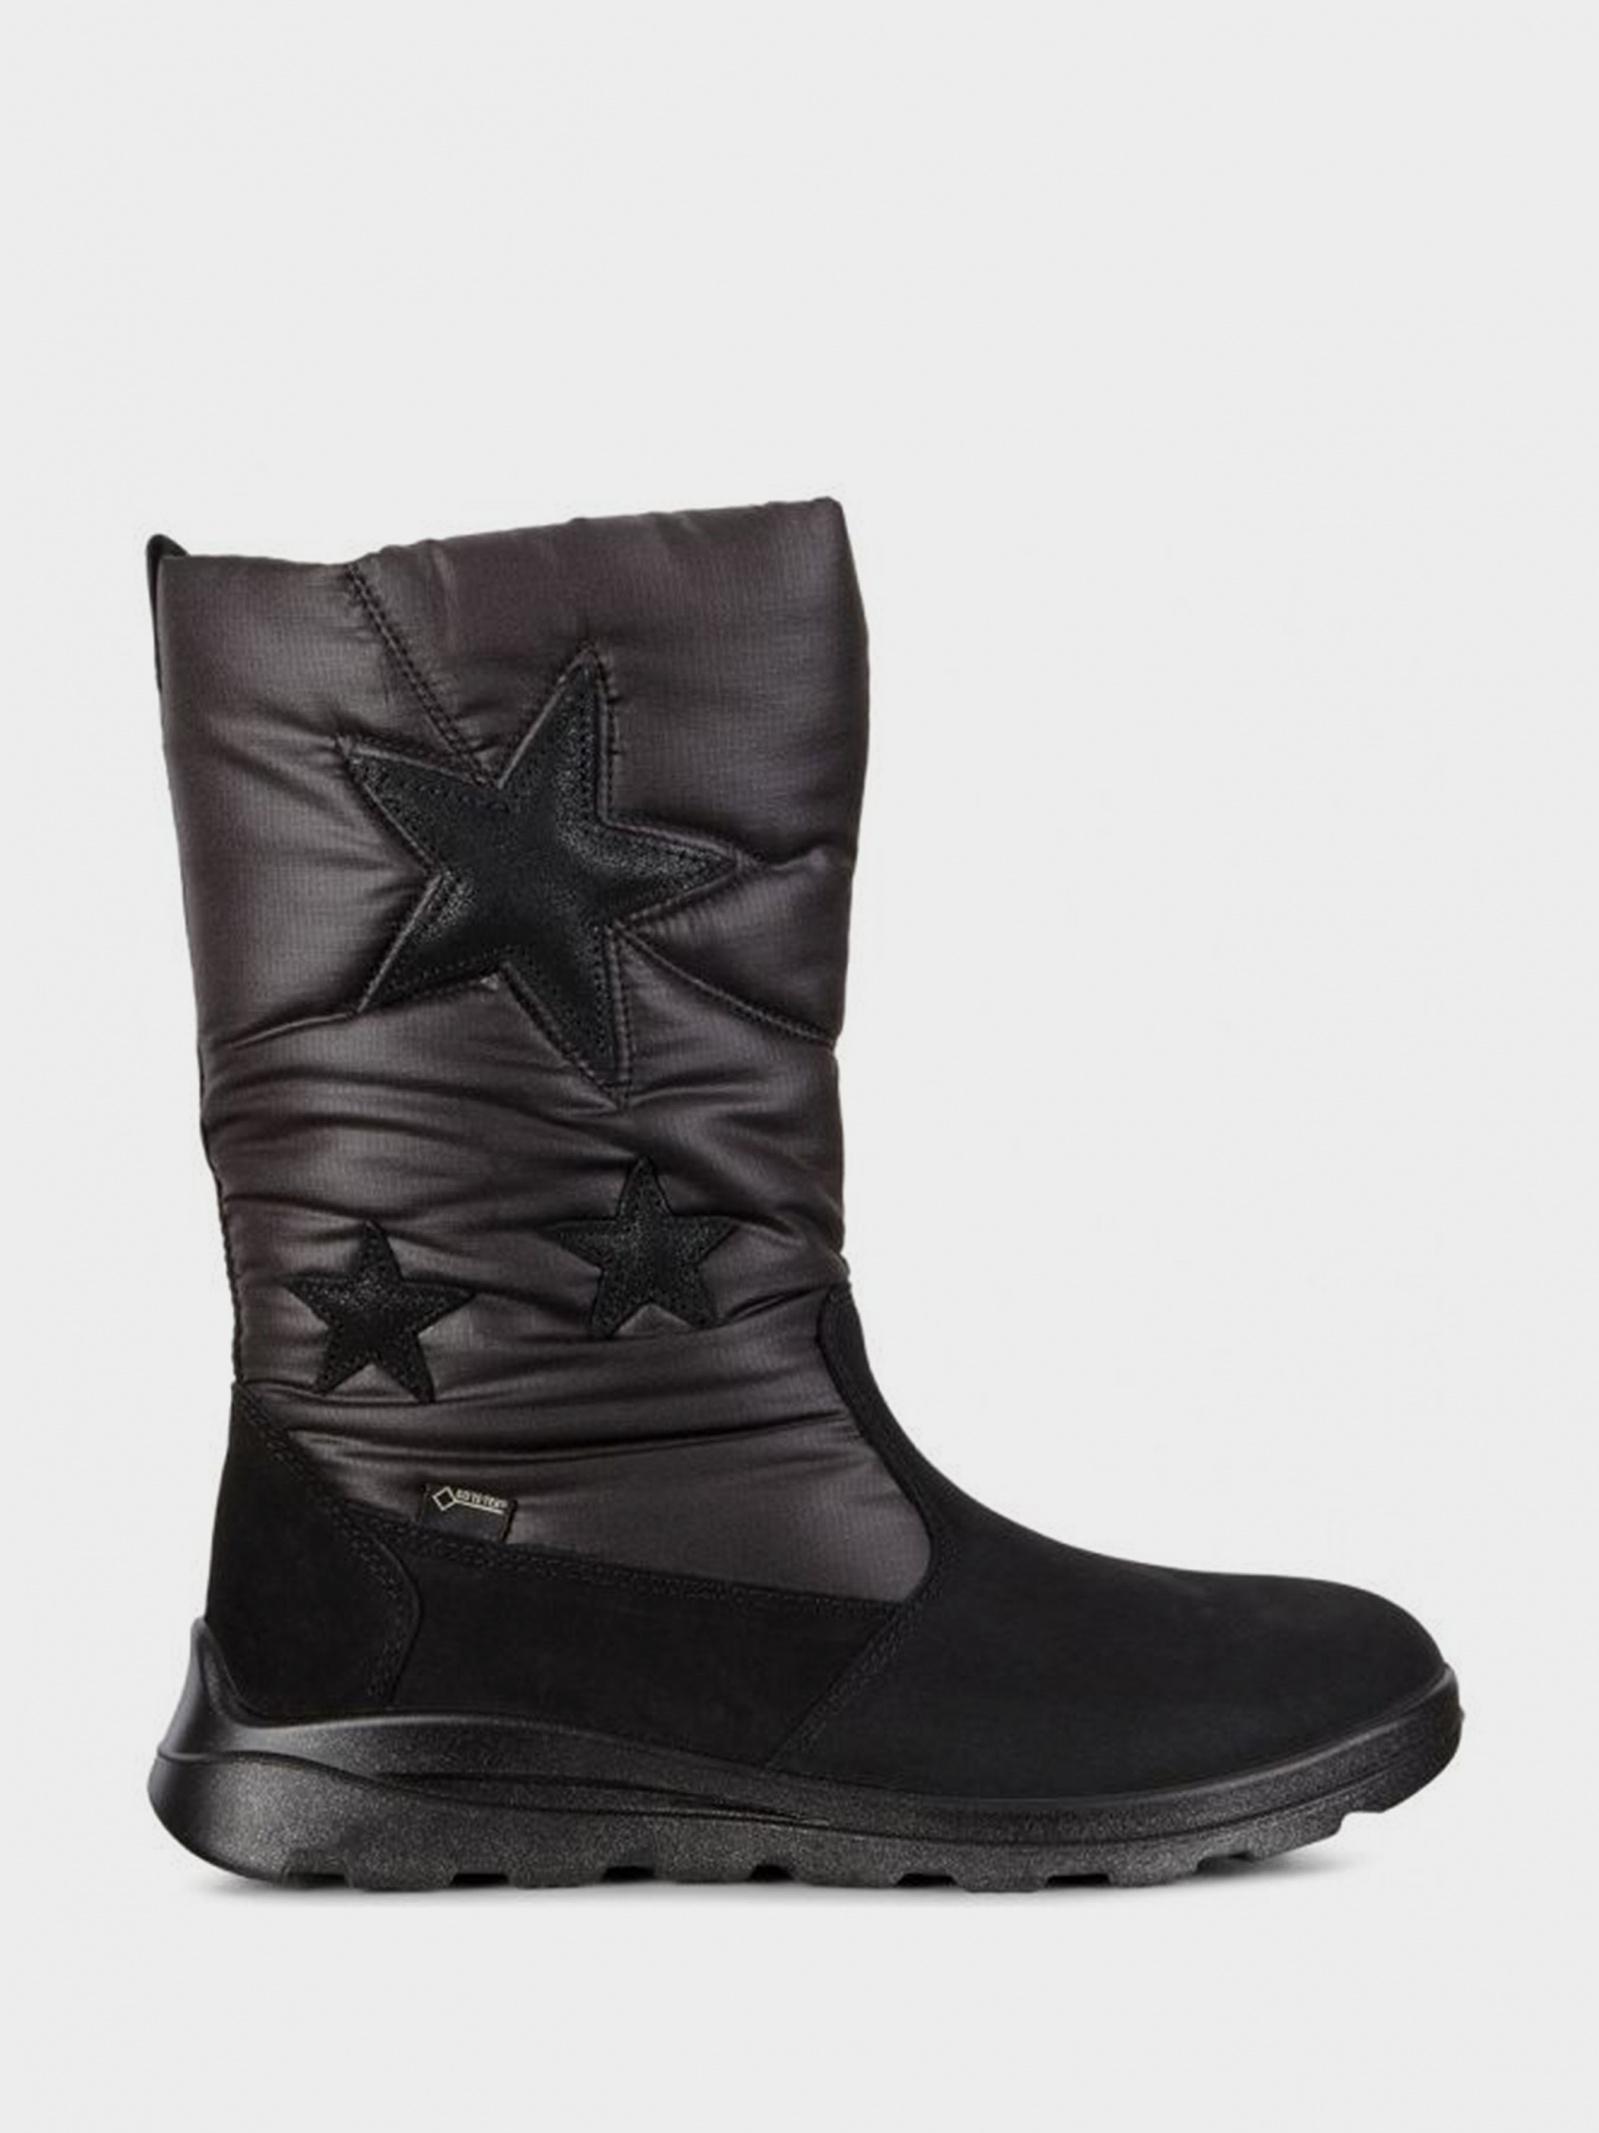 Сапоги для детей ECCO JANNI 724703(51052) брендовая обувь, 2017